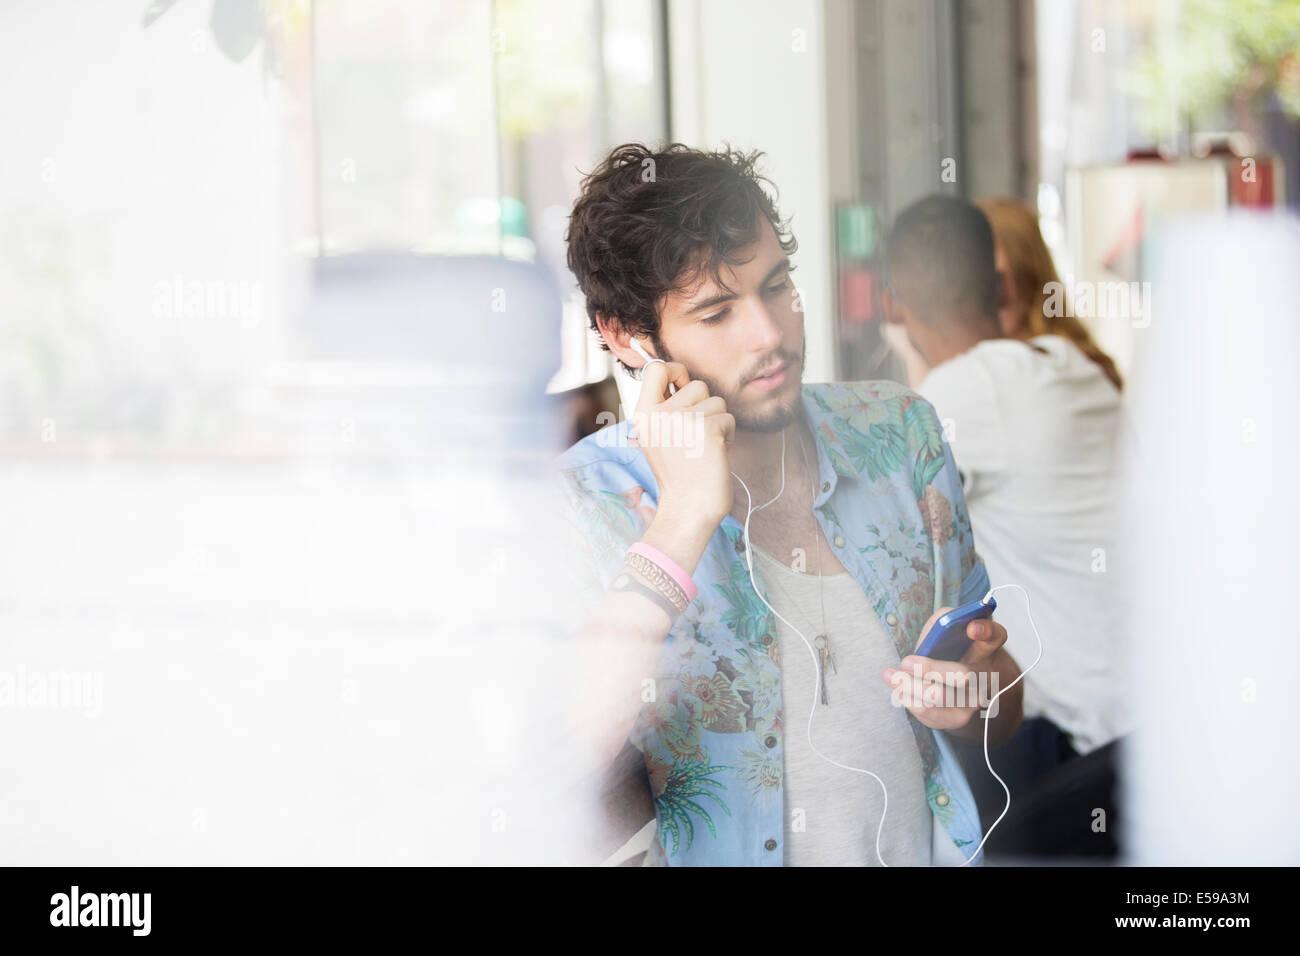 Uomo che ascolta mp3 player in cafe Immagini Stock